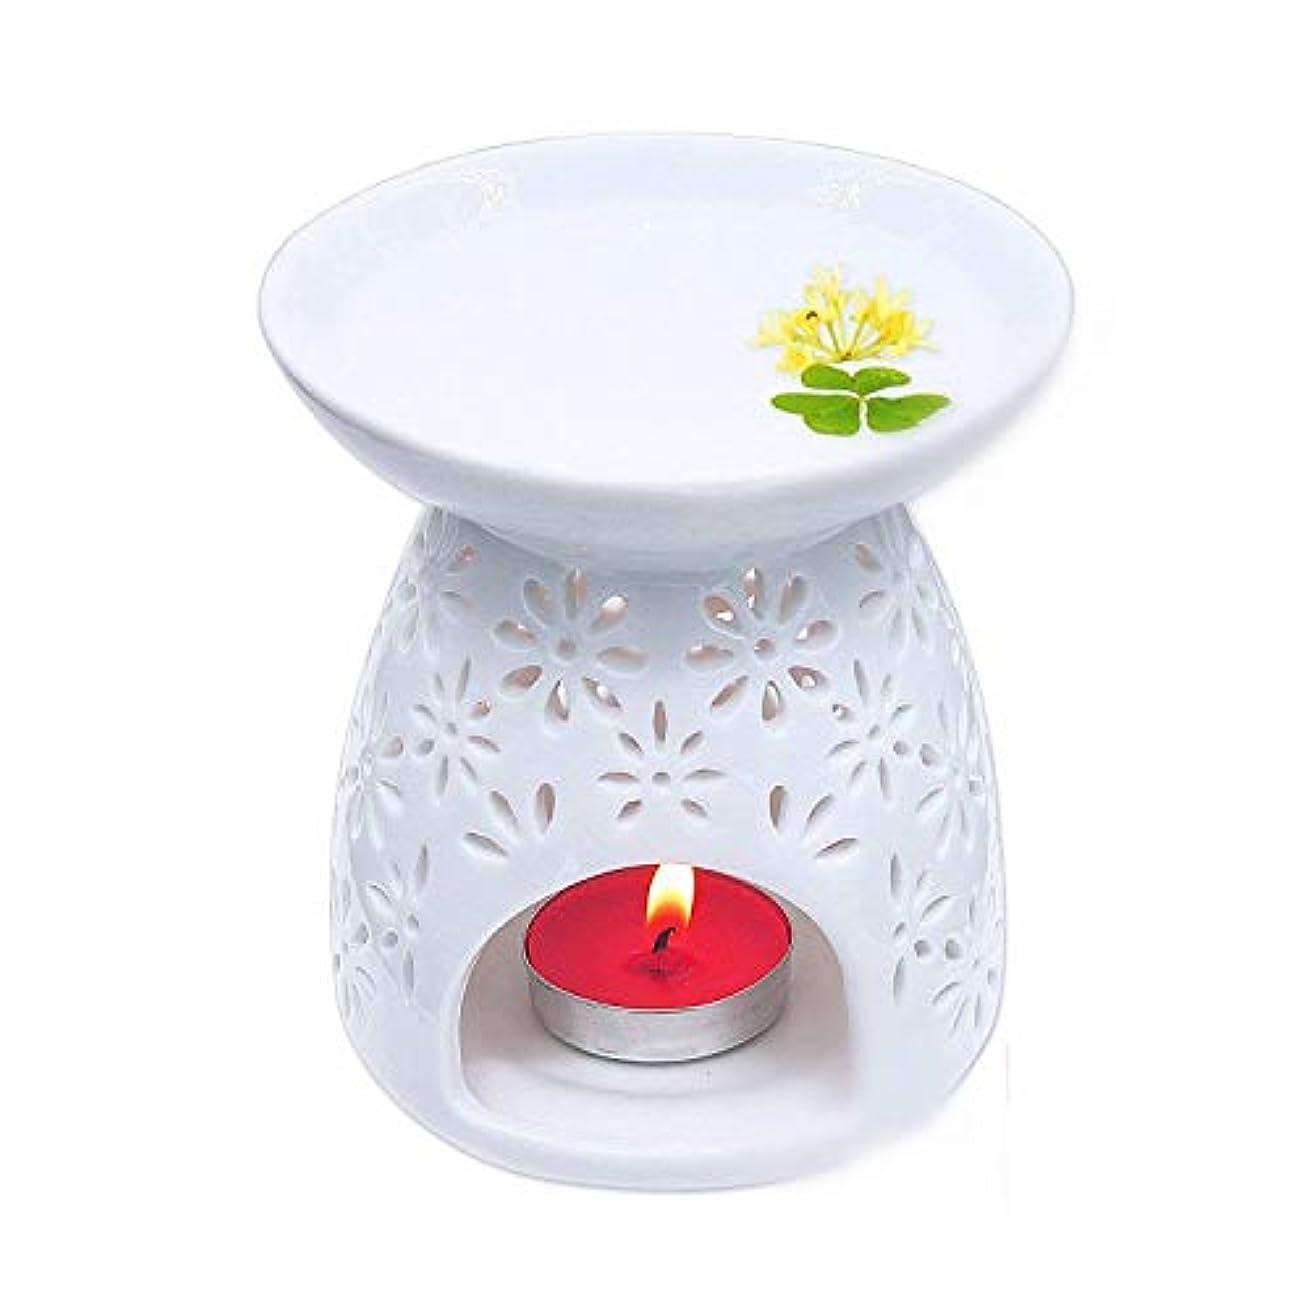 気怠い談話ソファーPursue 茶香炉 アロマ炉 香炉 陶器 精油 香炉置物 薫香 インテリア アロマディフューザー 中空の彫刻工 消臭と癒し おしゃれ